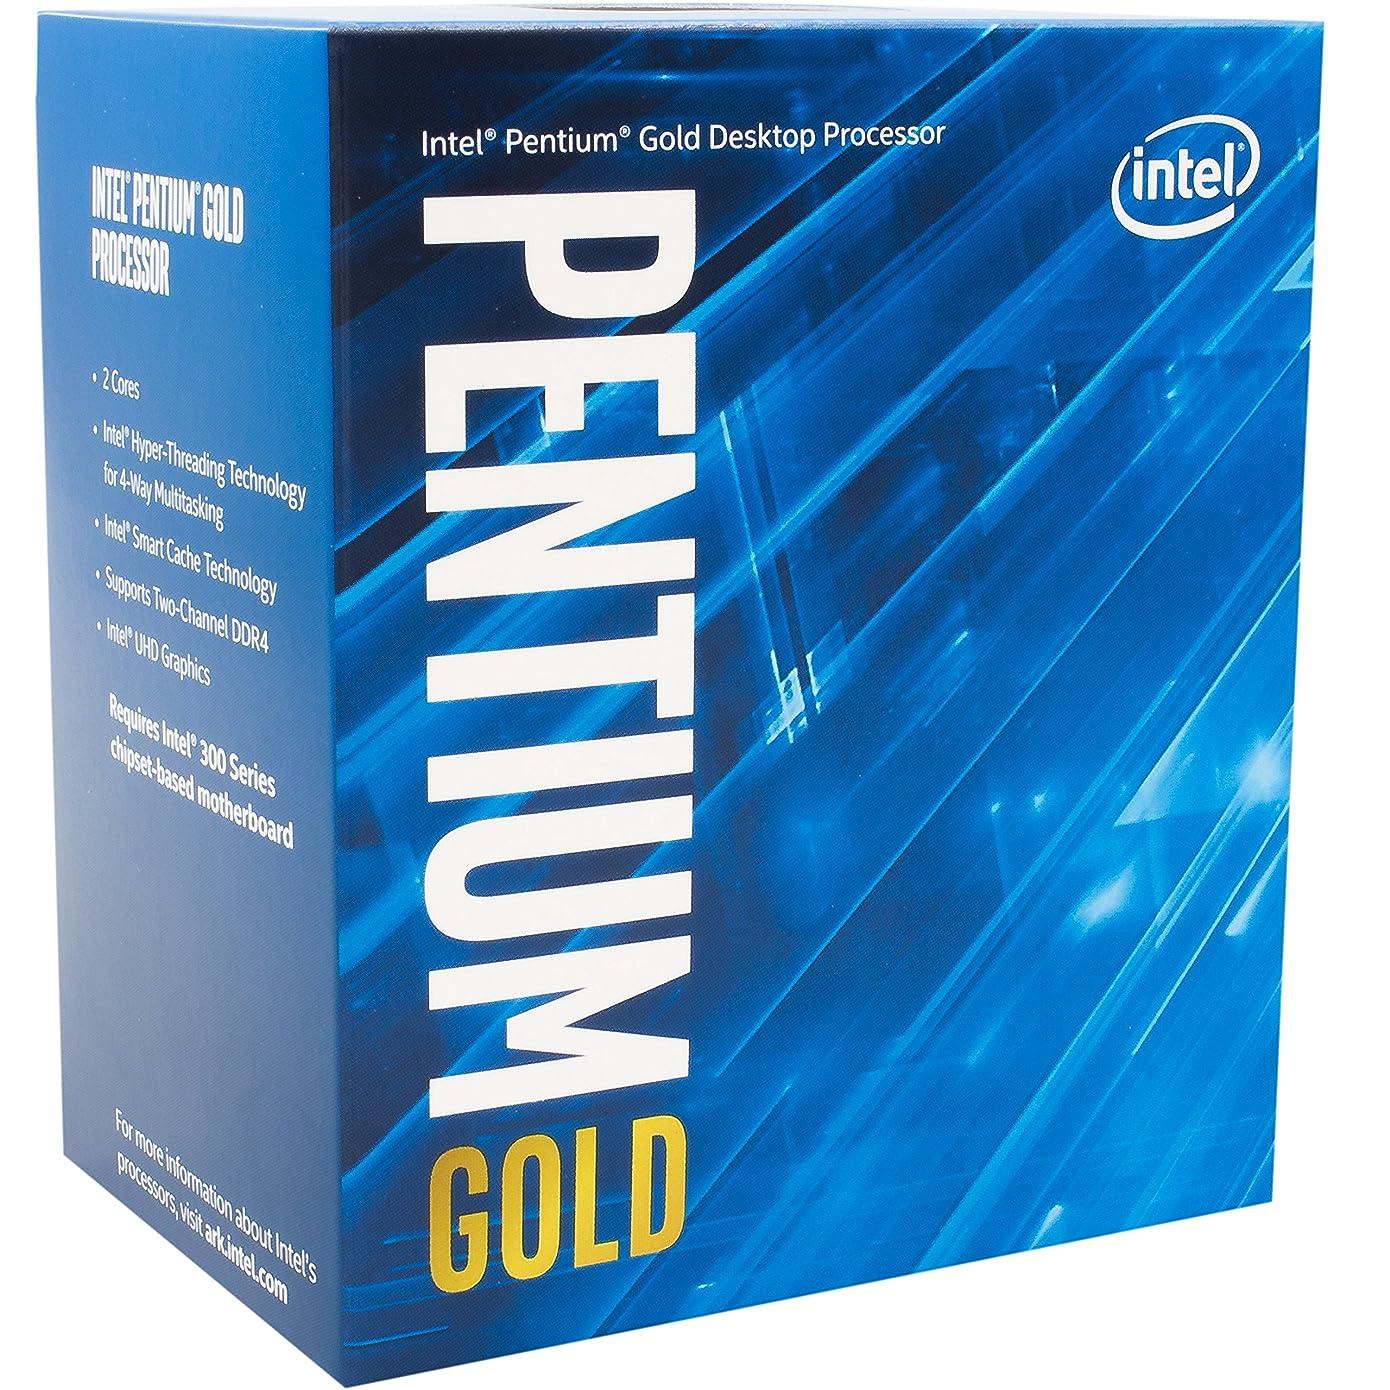 祈り同意地雷原Intel CPU Pentium G5400 3.7GHz 4Mキャッシュ 2コア/4スレッド LGA1151 BX80684G5400【BOX】【日本正規流通品】